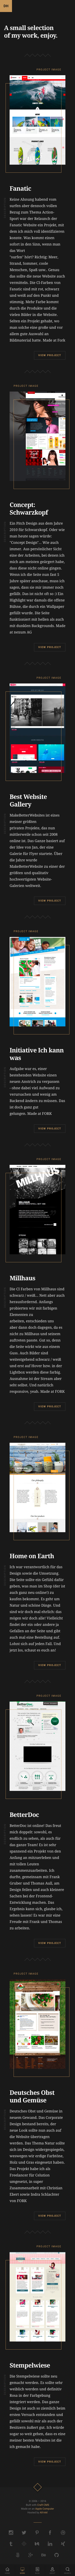 Davidhellmann Gold 08